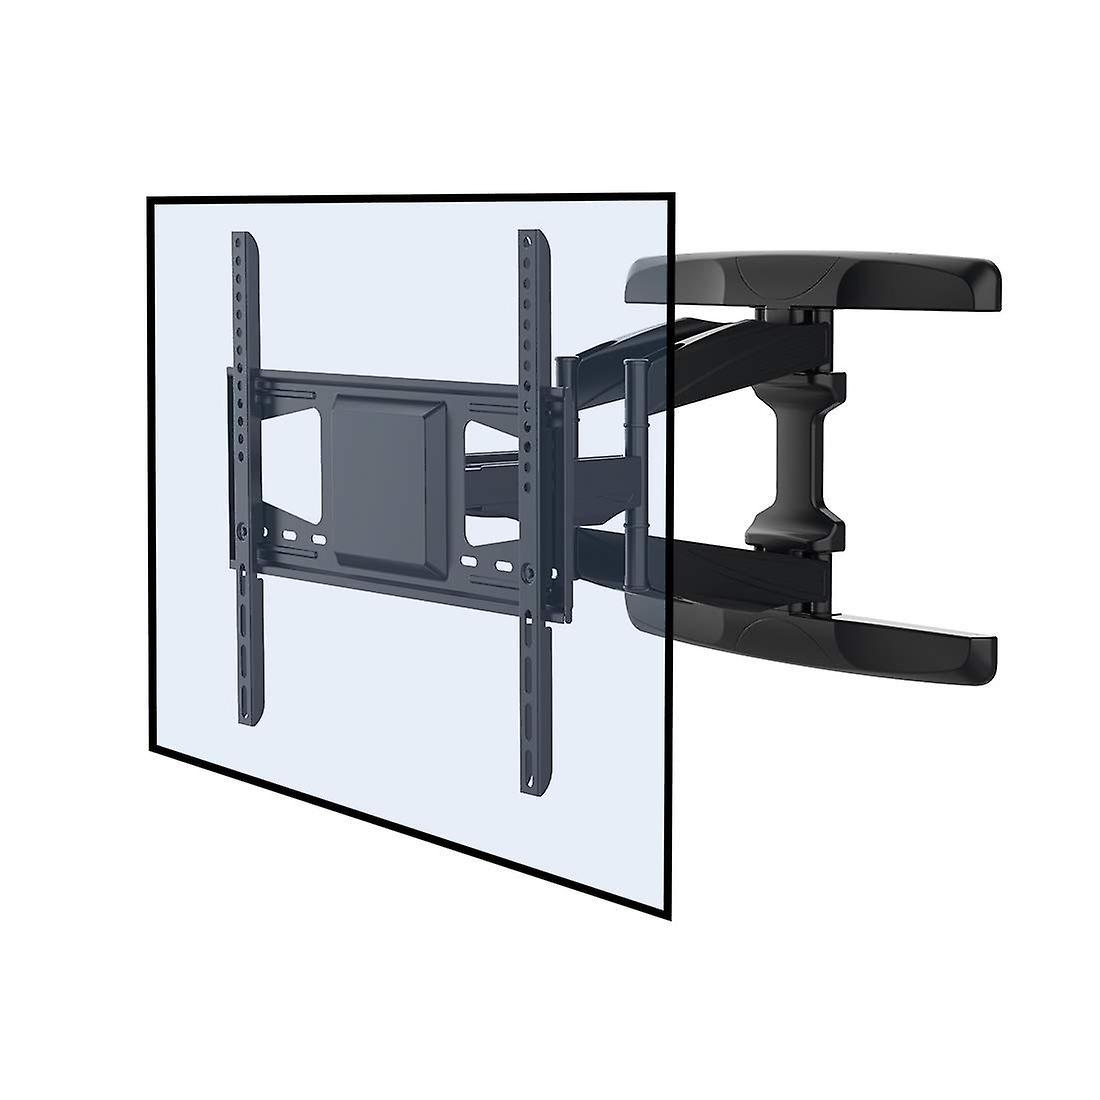 Fleximtellingen A28 Full Motion draaibare Tilt articulating TV muurbeugel voor schermen 37